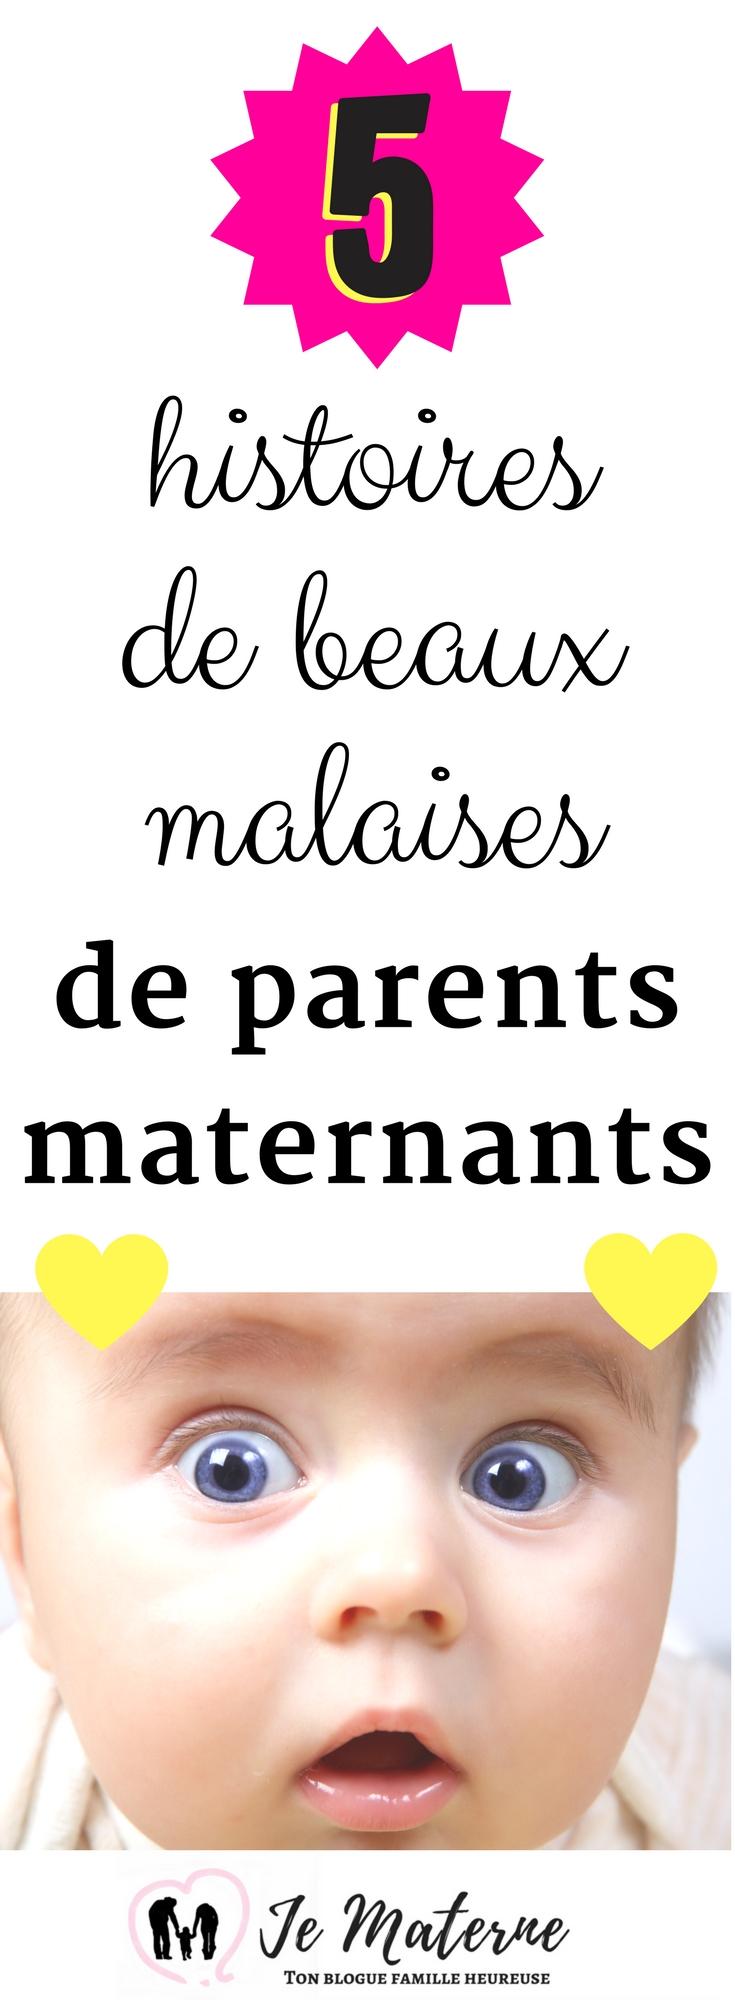 À LIRE! 5 histoires de beaux malaises des parents maternants - JeMaterne.com